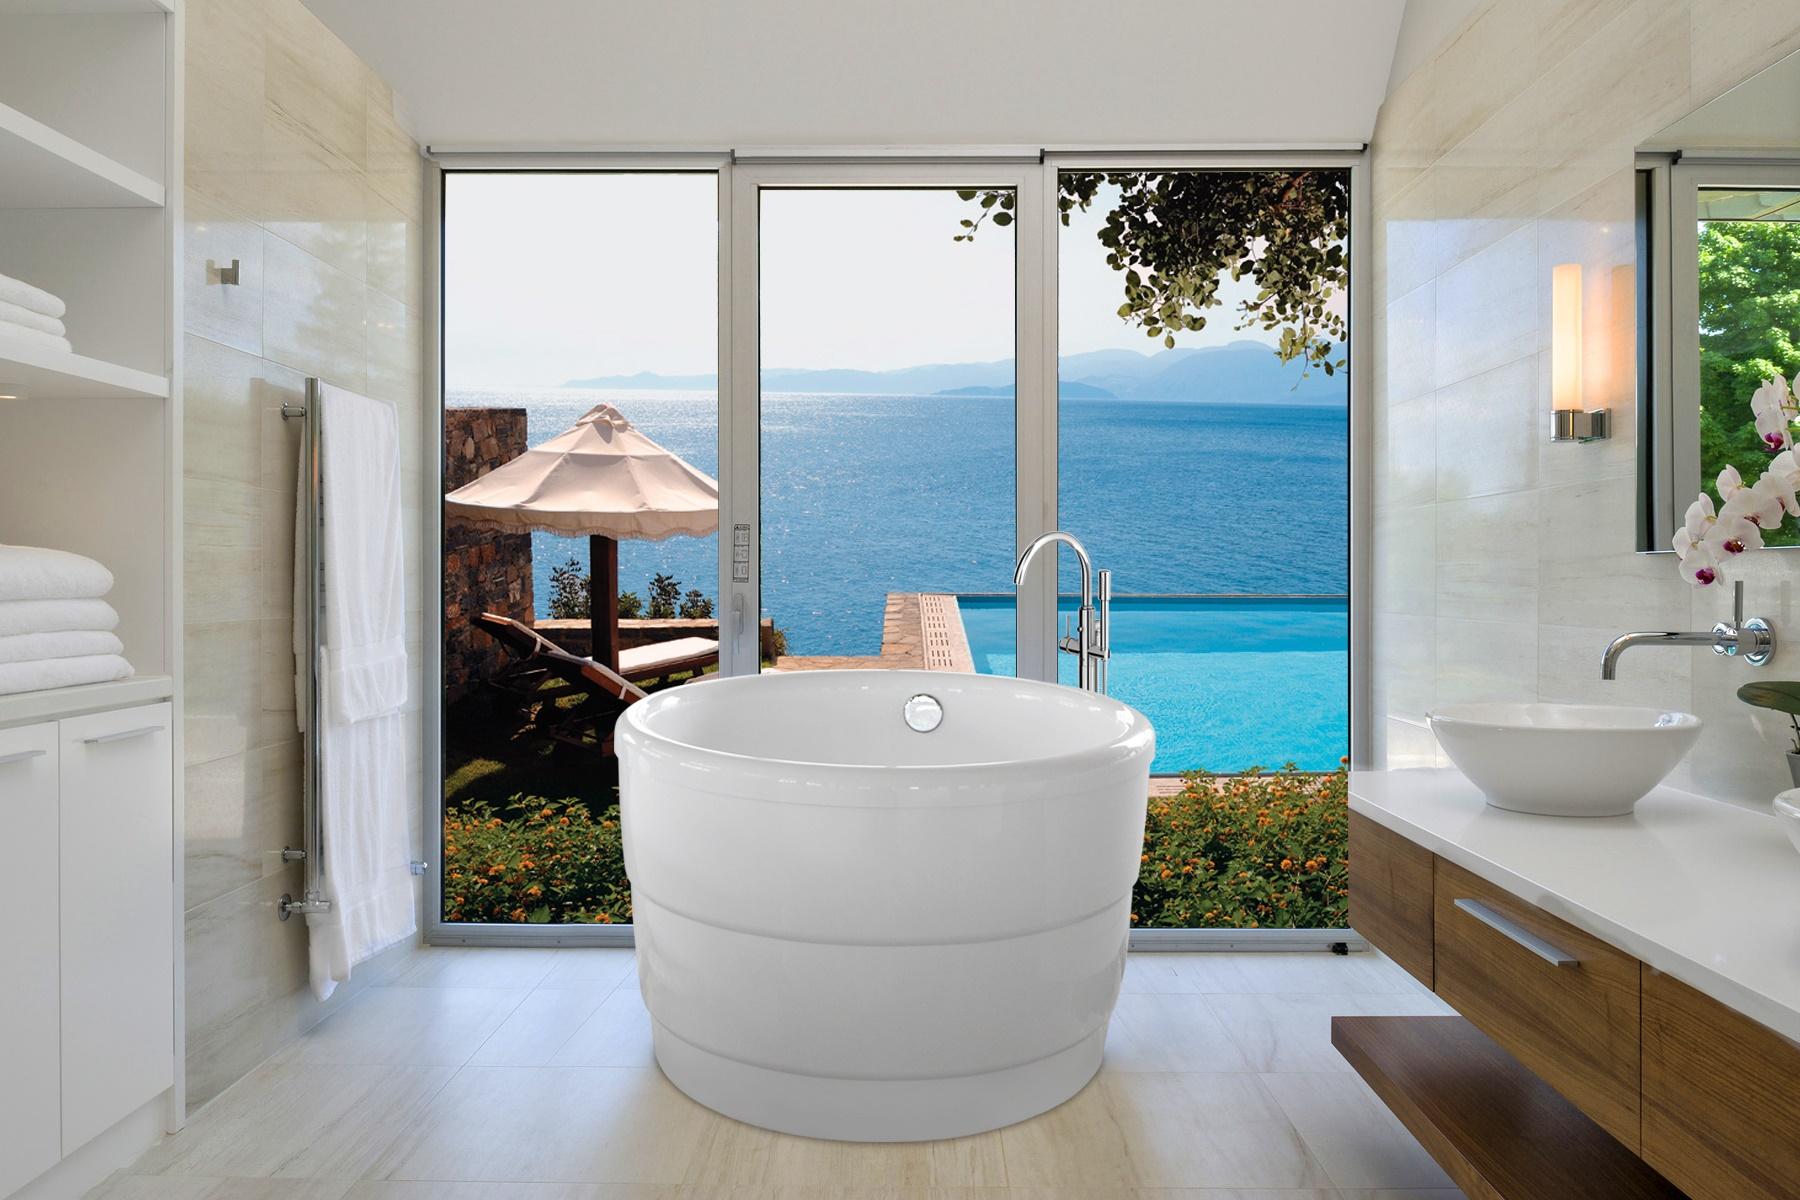 Purescape 034 la vasca da bagno freestanding aquatica in - Materiale vasca da bagno ...